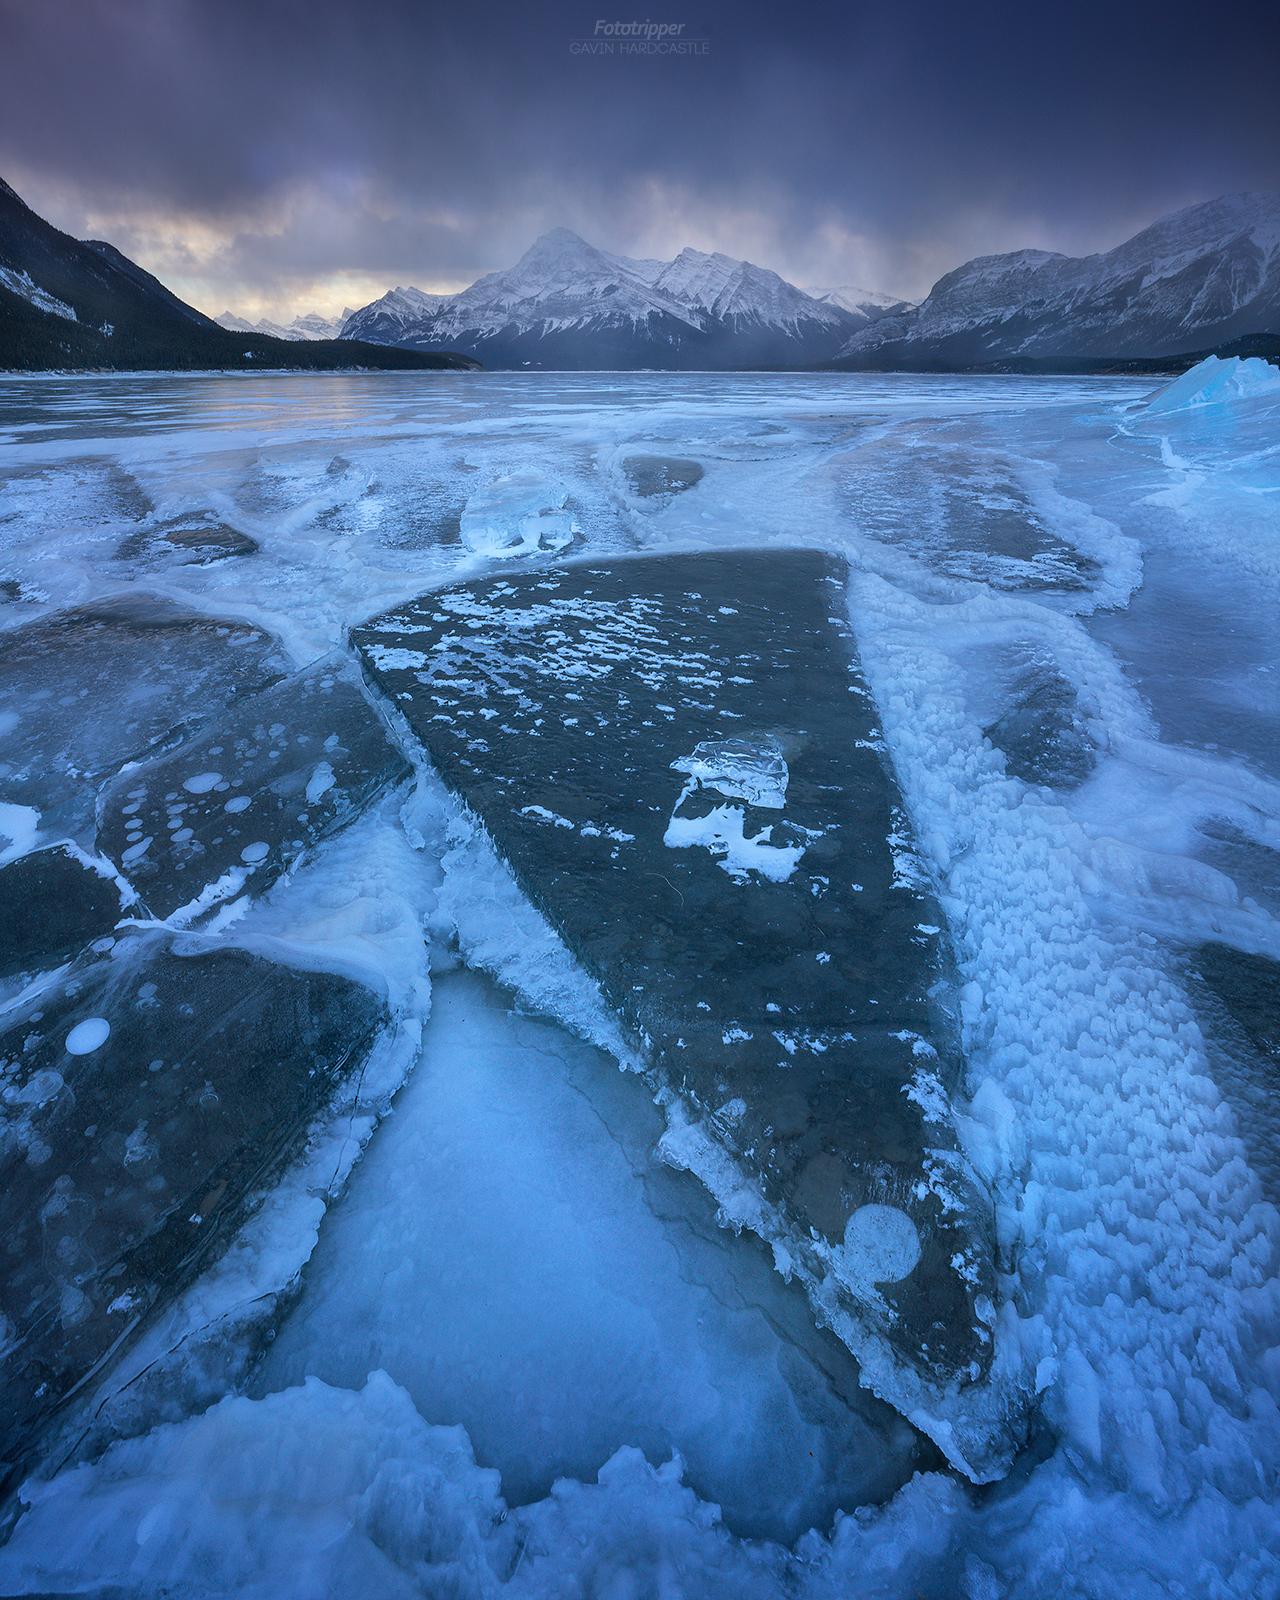 Elliot Peak at Abraham Lake - Free Photography Guide